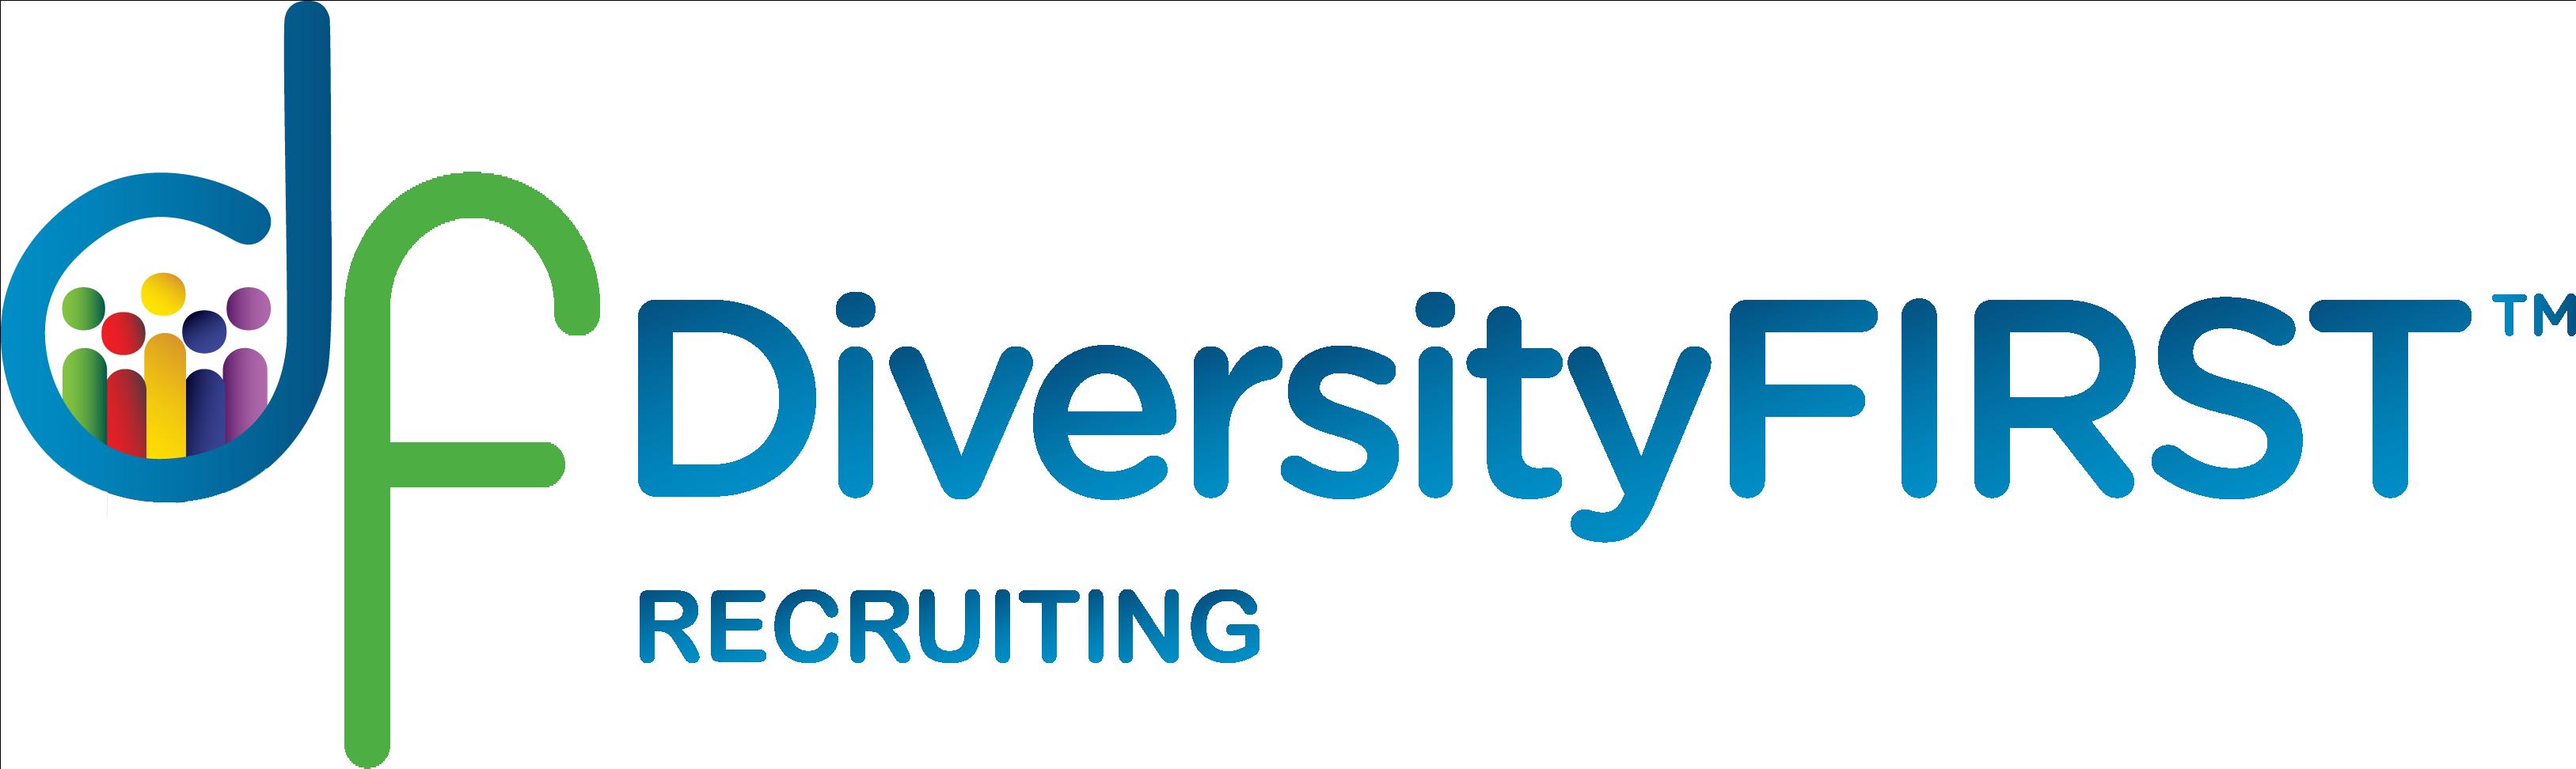 DiversityFirst™ Recruiting